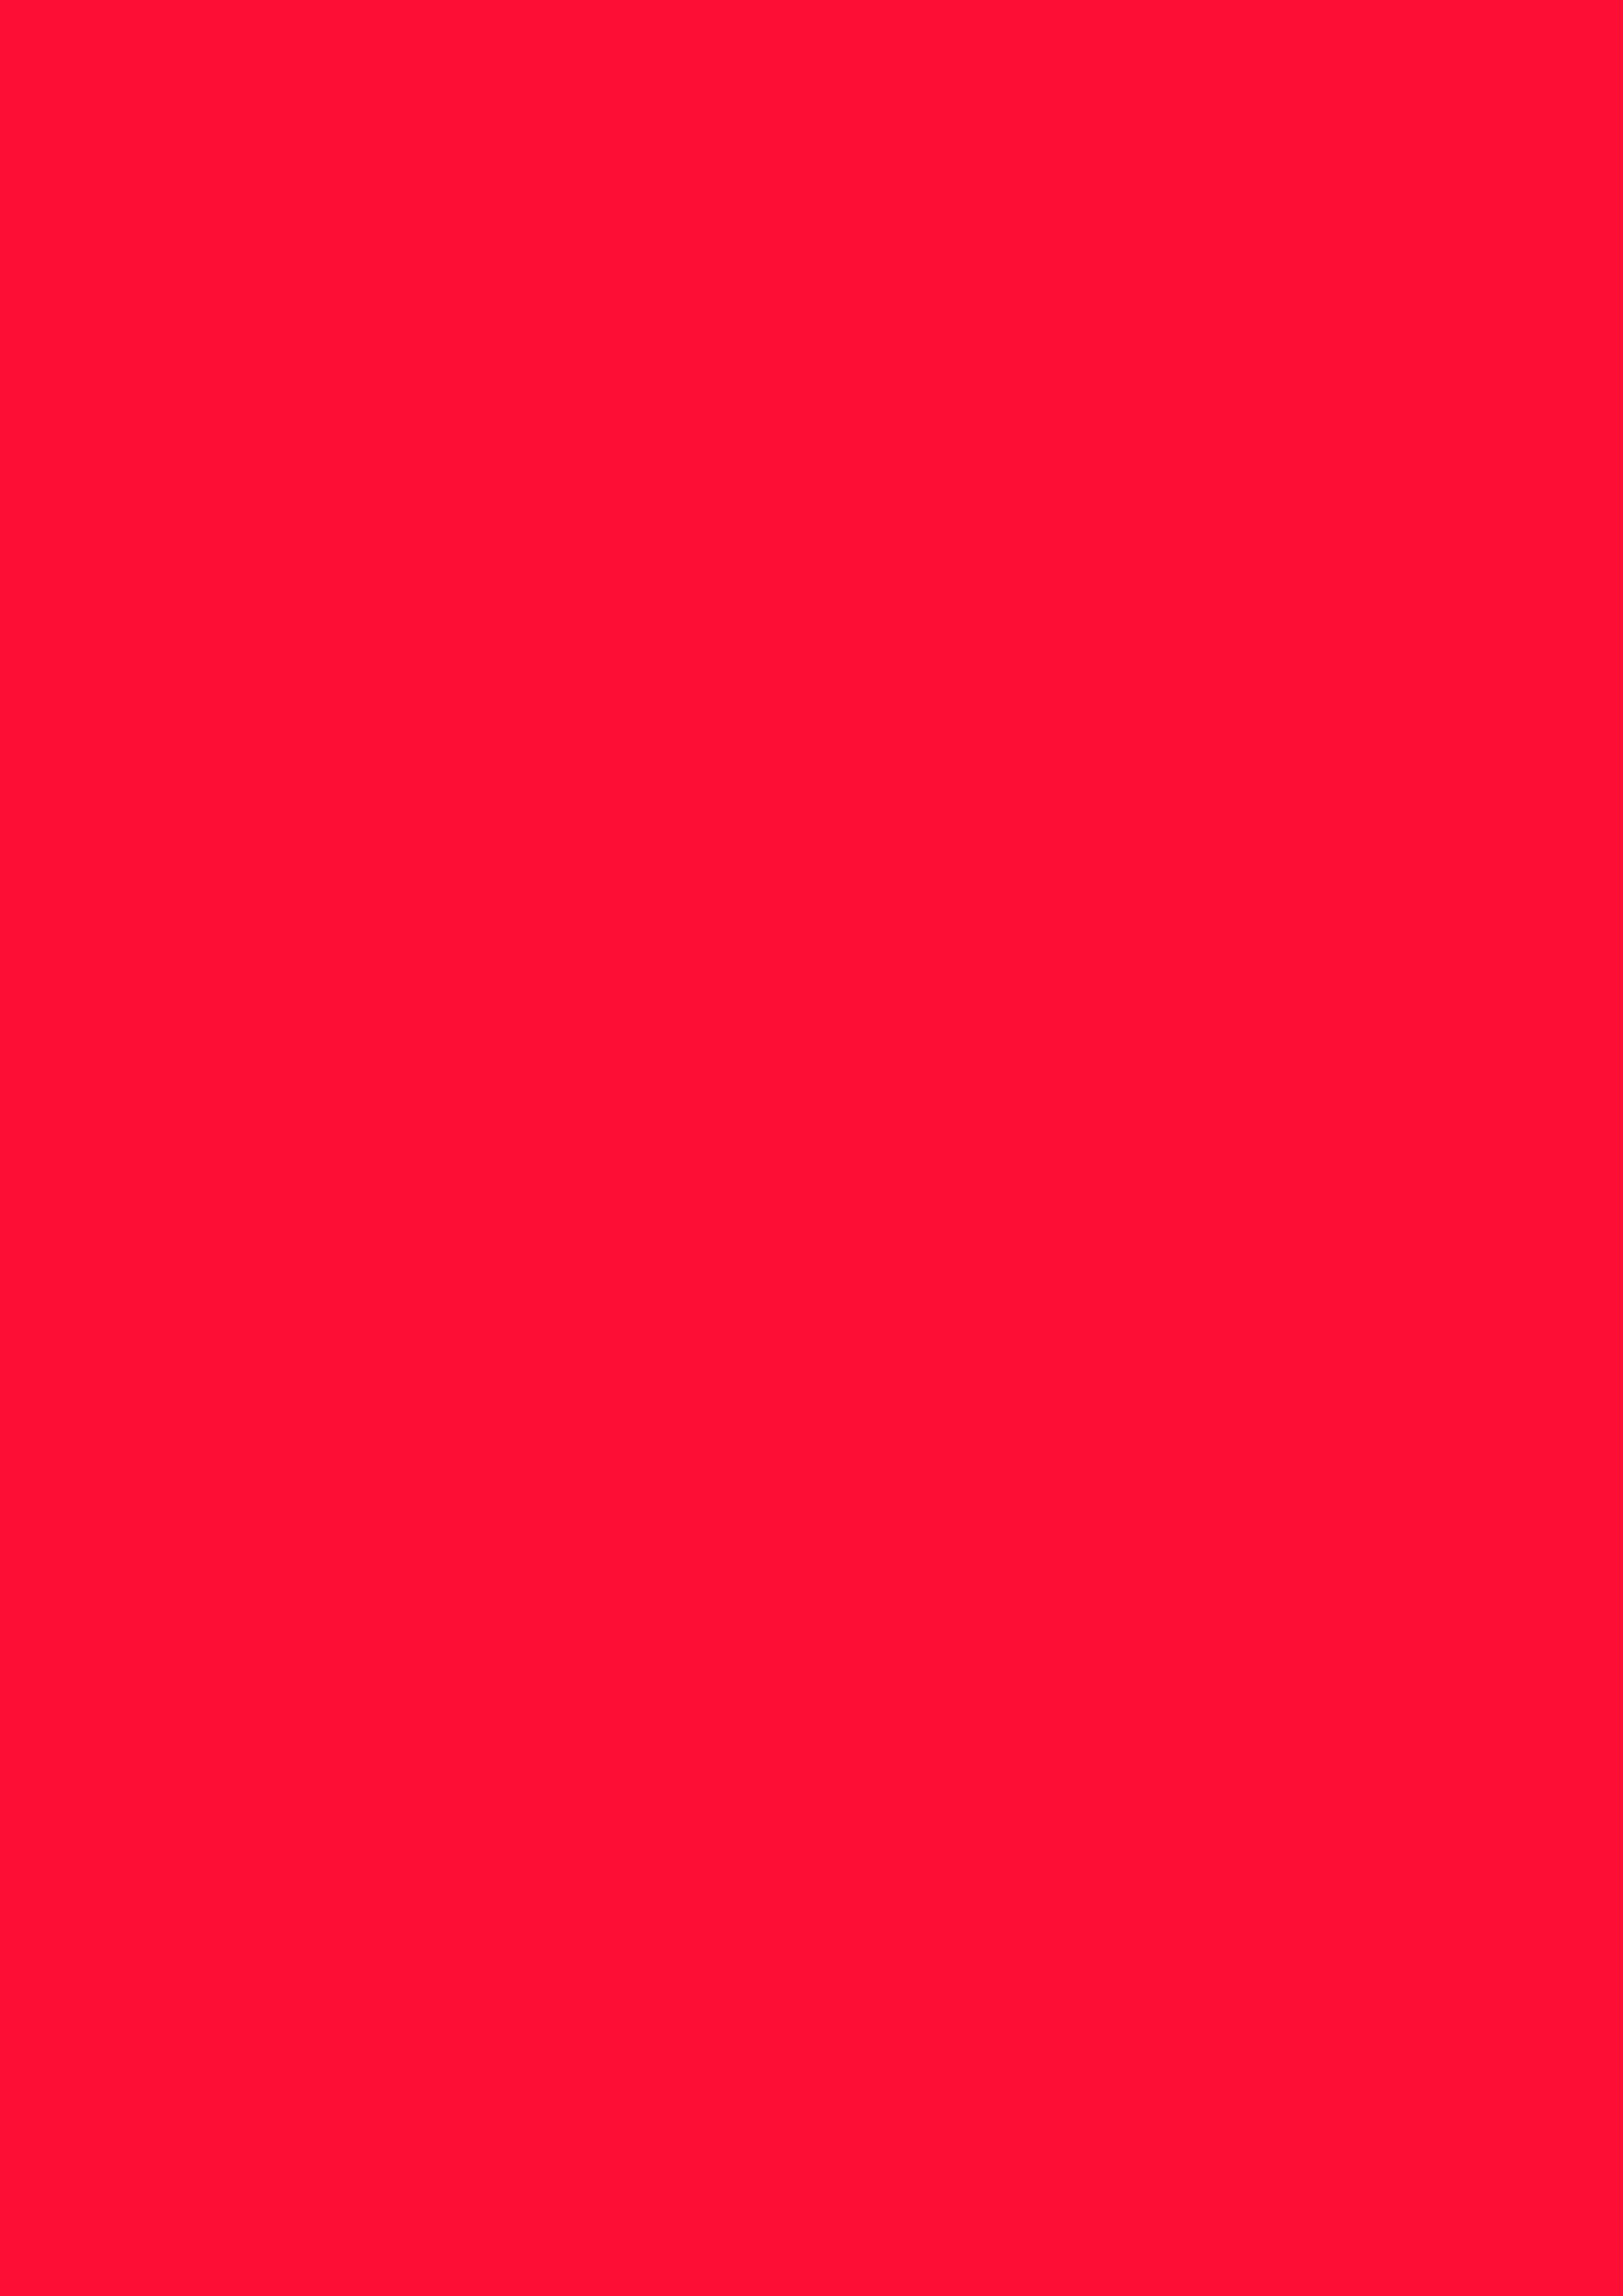 2480x3508 Scarlet Crayola Solid Color Background